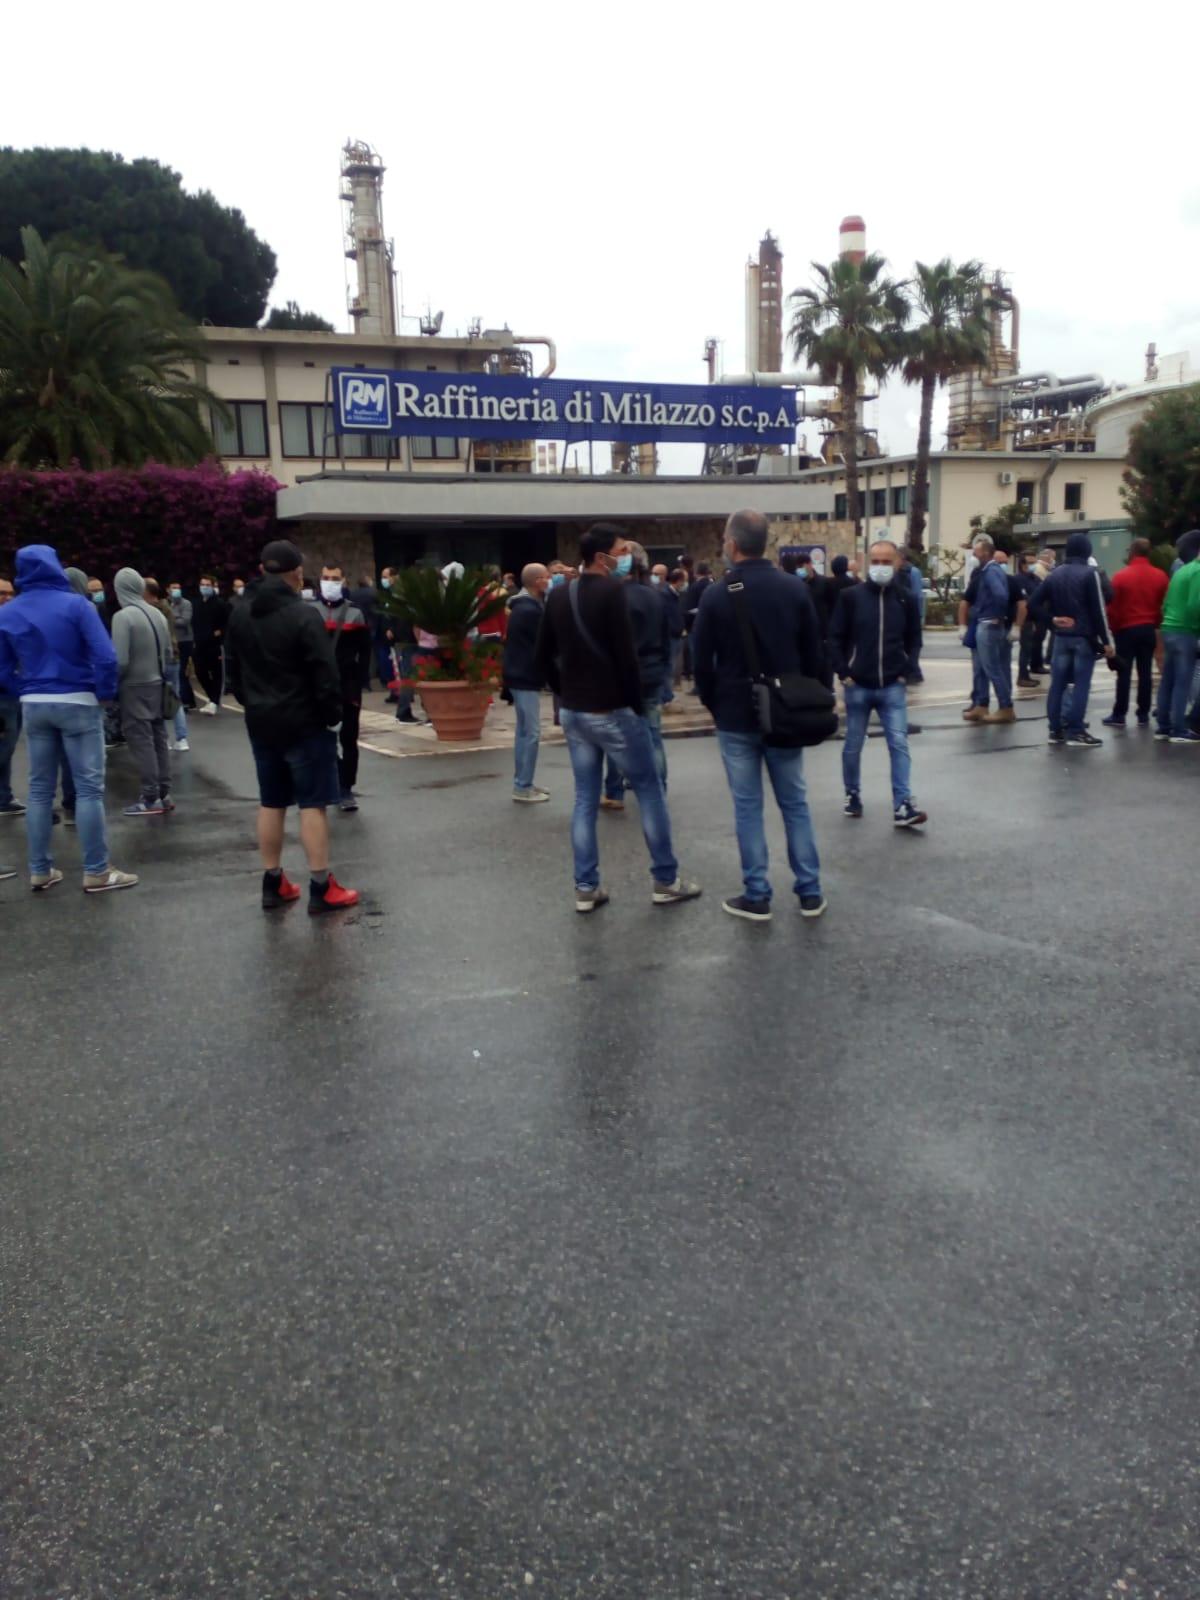 Raffineria di Milazzo (Me), sciopero ad oltranza dei lavoratori. Cgil, Cisl e Uil Messina: Situazione esasperata, apriamo la fase della mobilitazione a difesa del lavoro